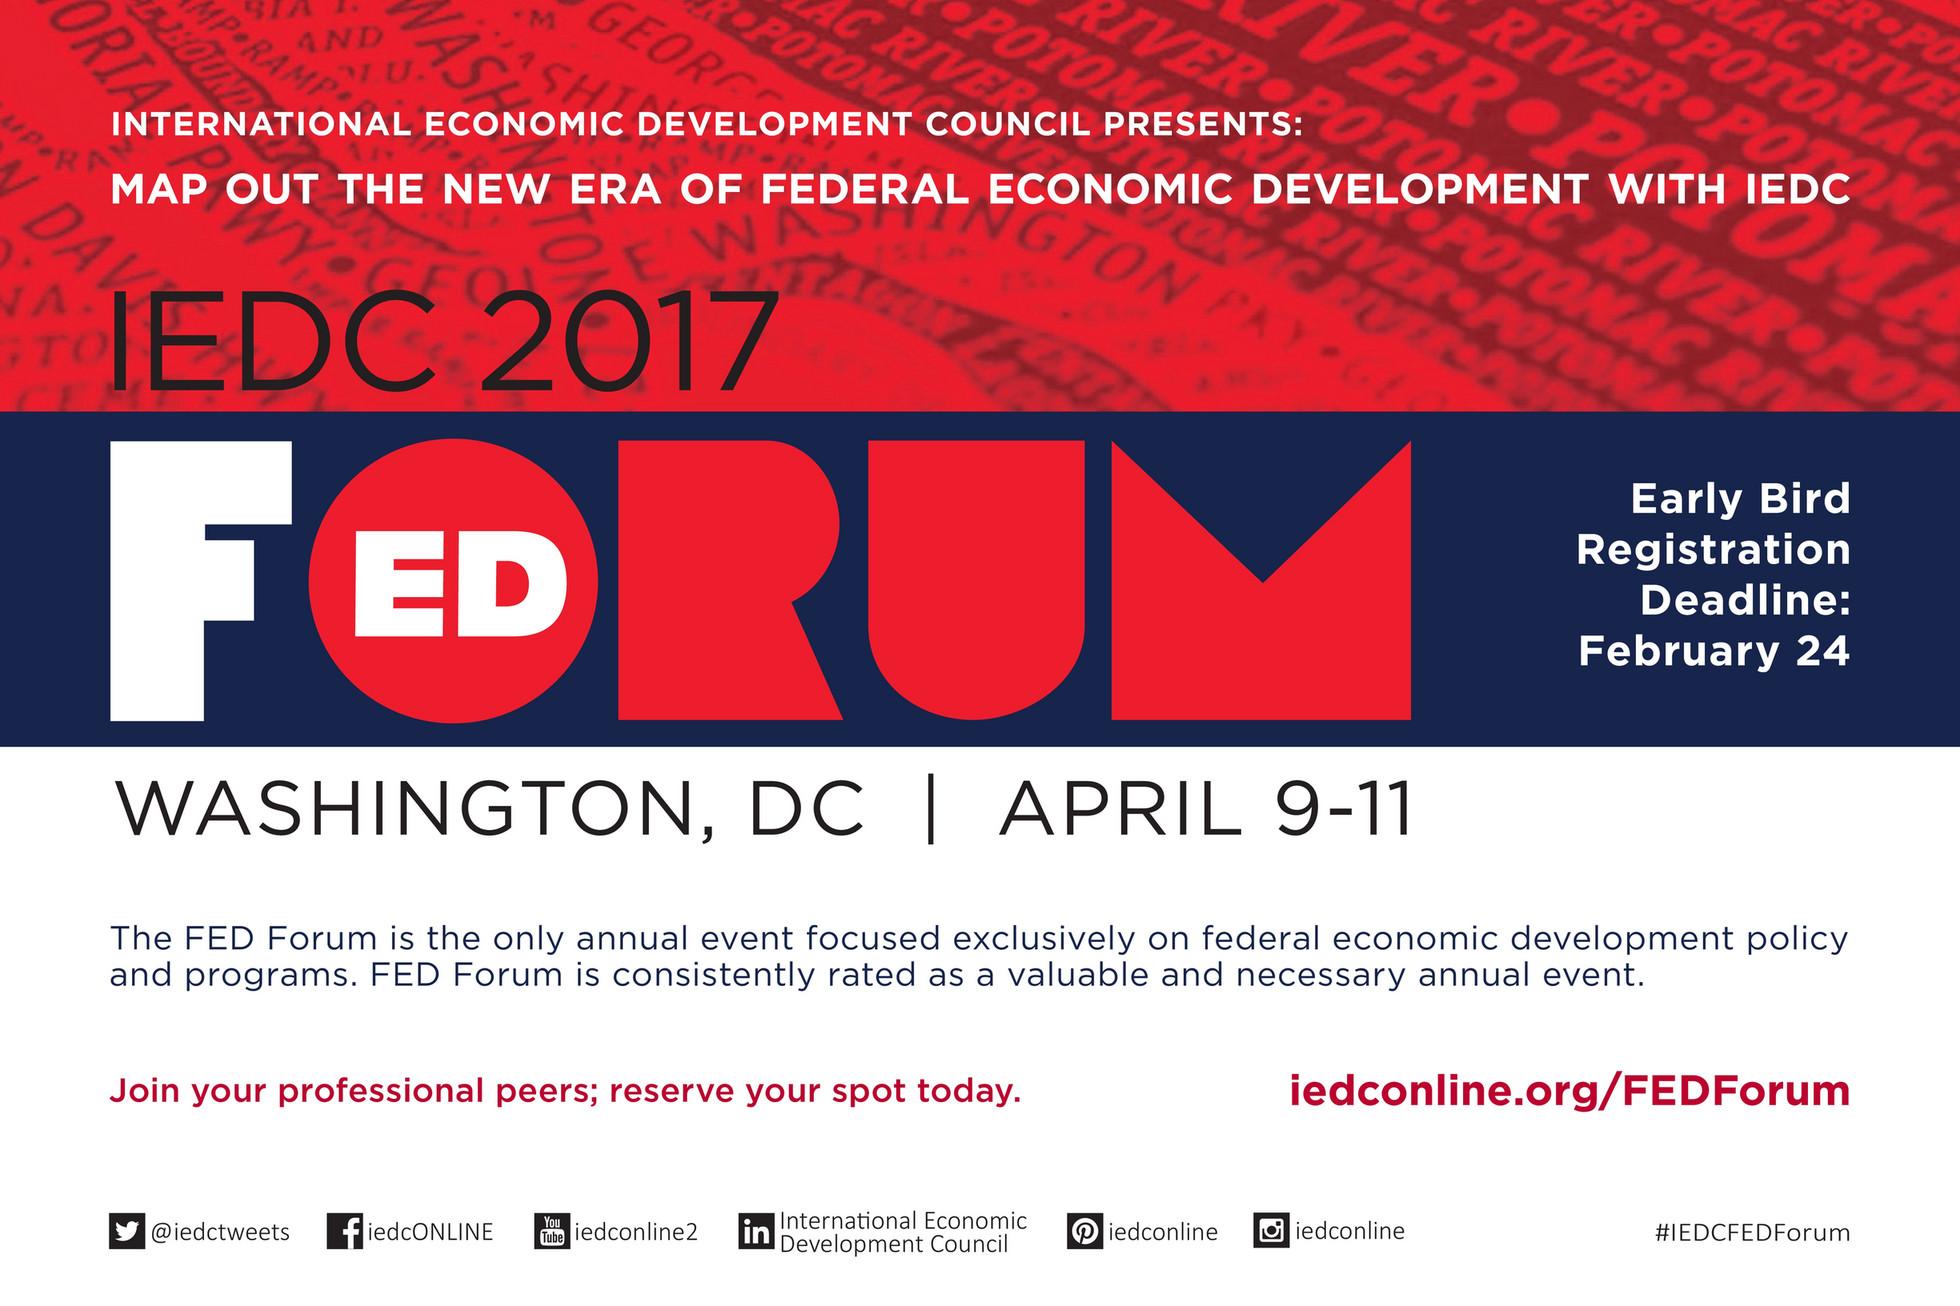 global economic developmental council